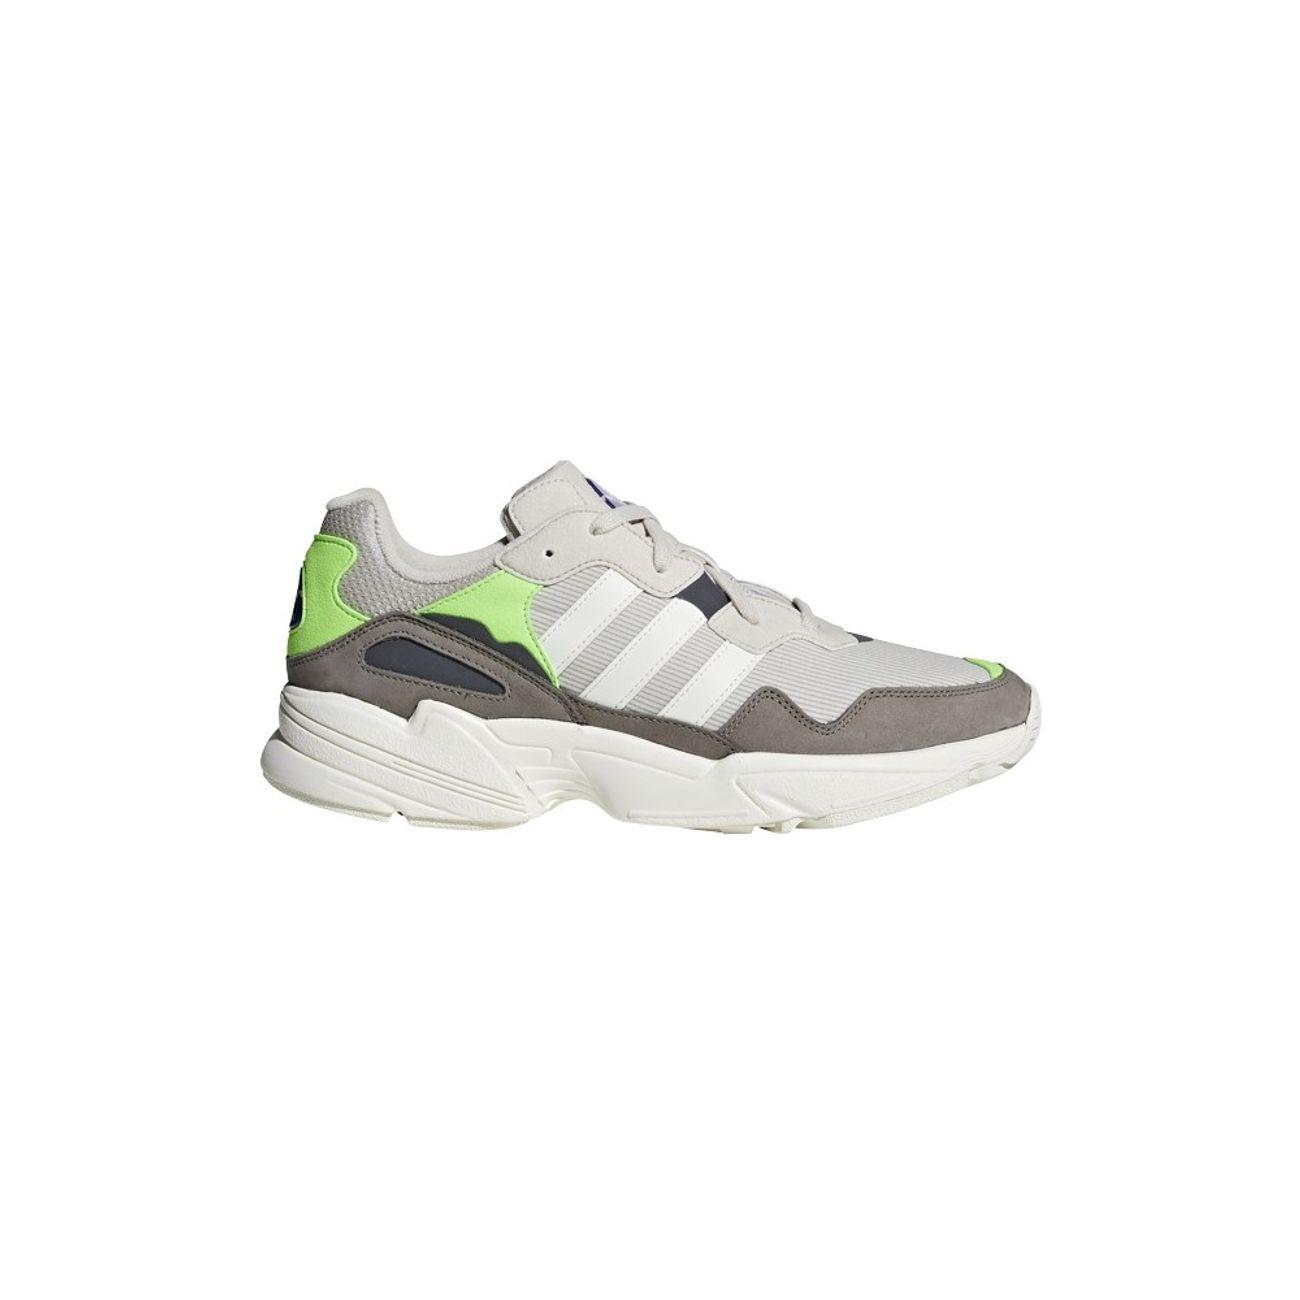 Baskets mode Adidas Originals Yung 96 – achat pas cher GO